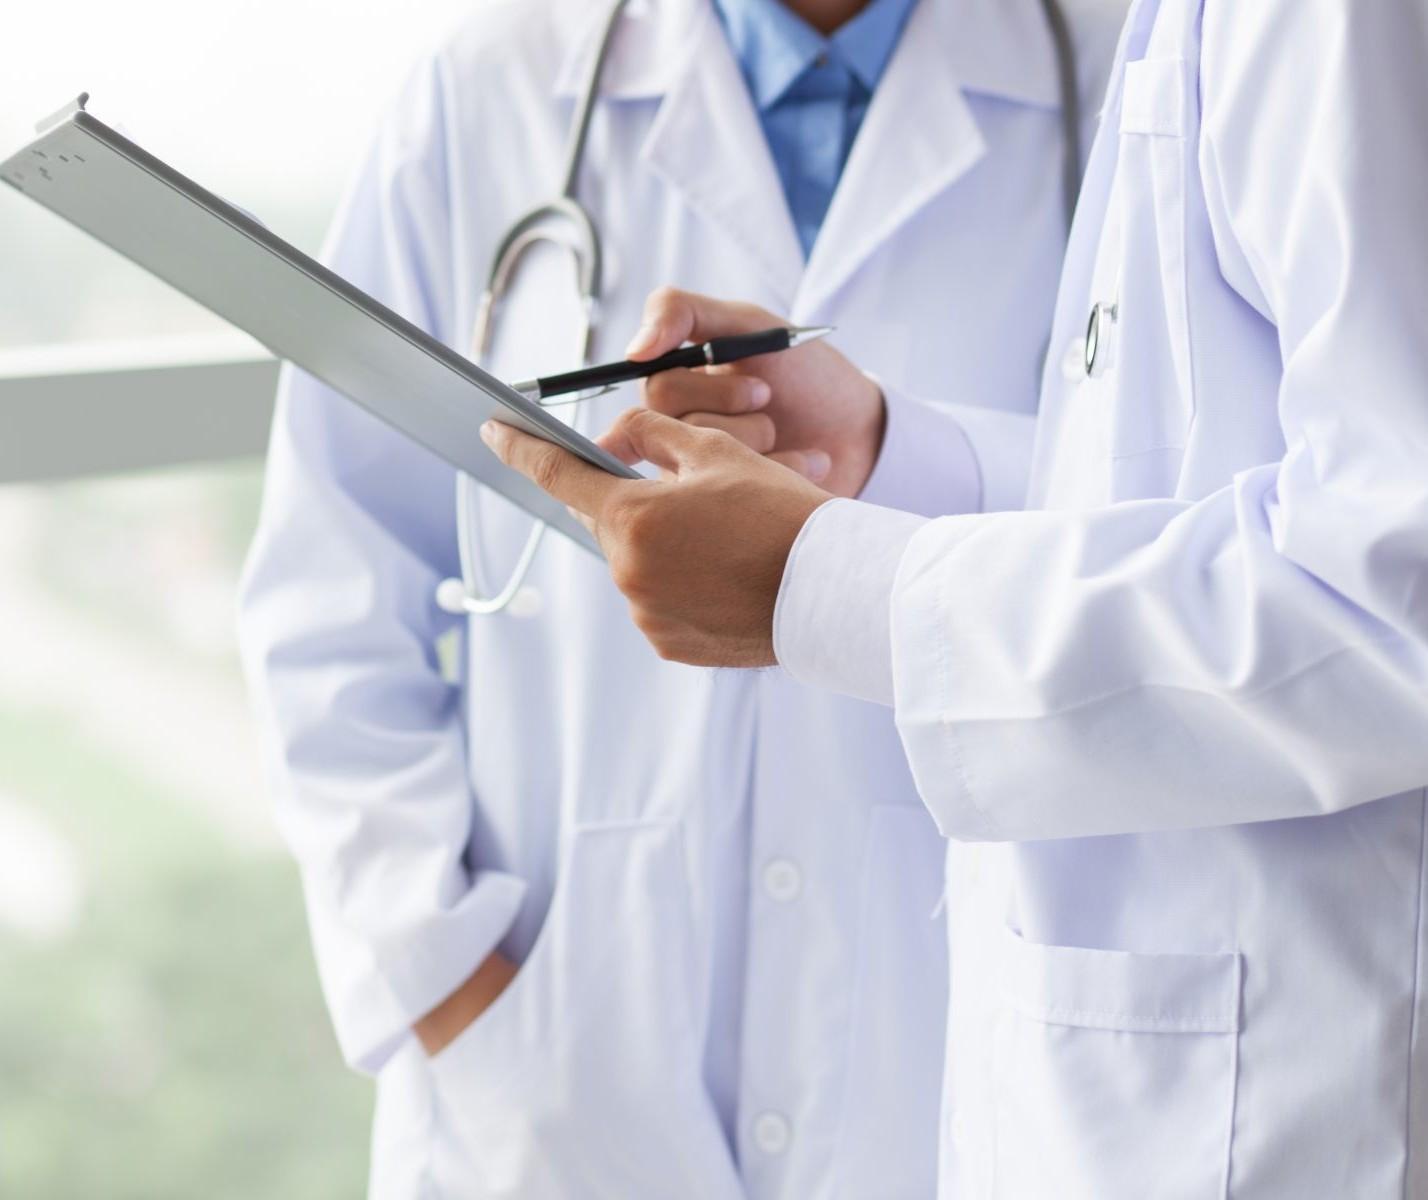 Setor de saúde tem tido tendência crescente de empregabilidade